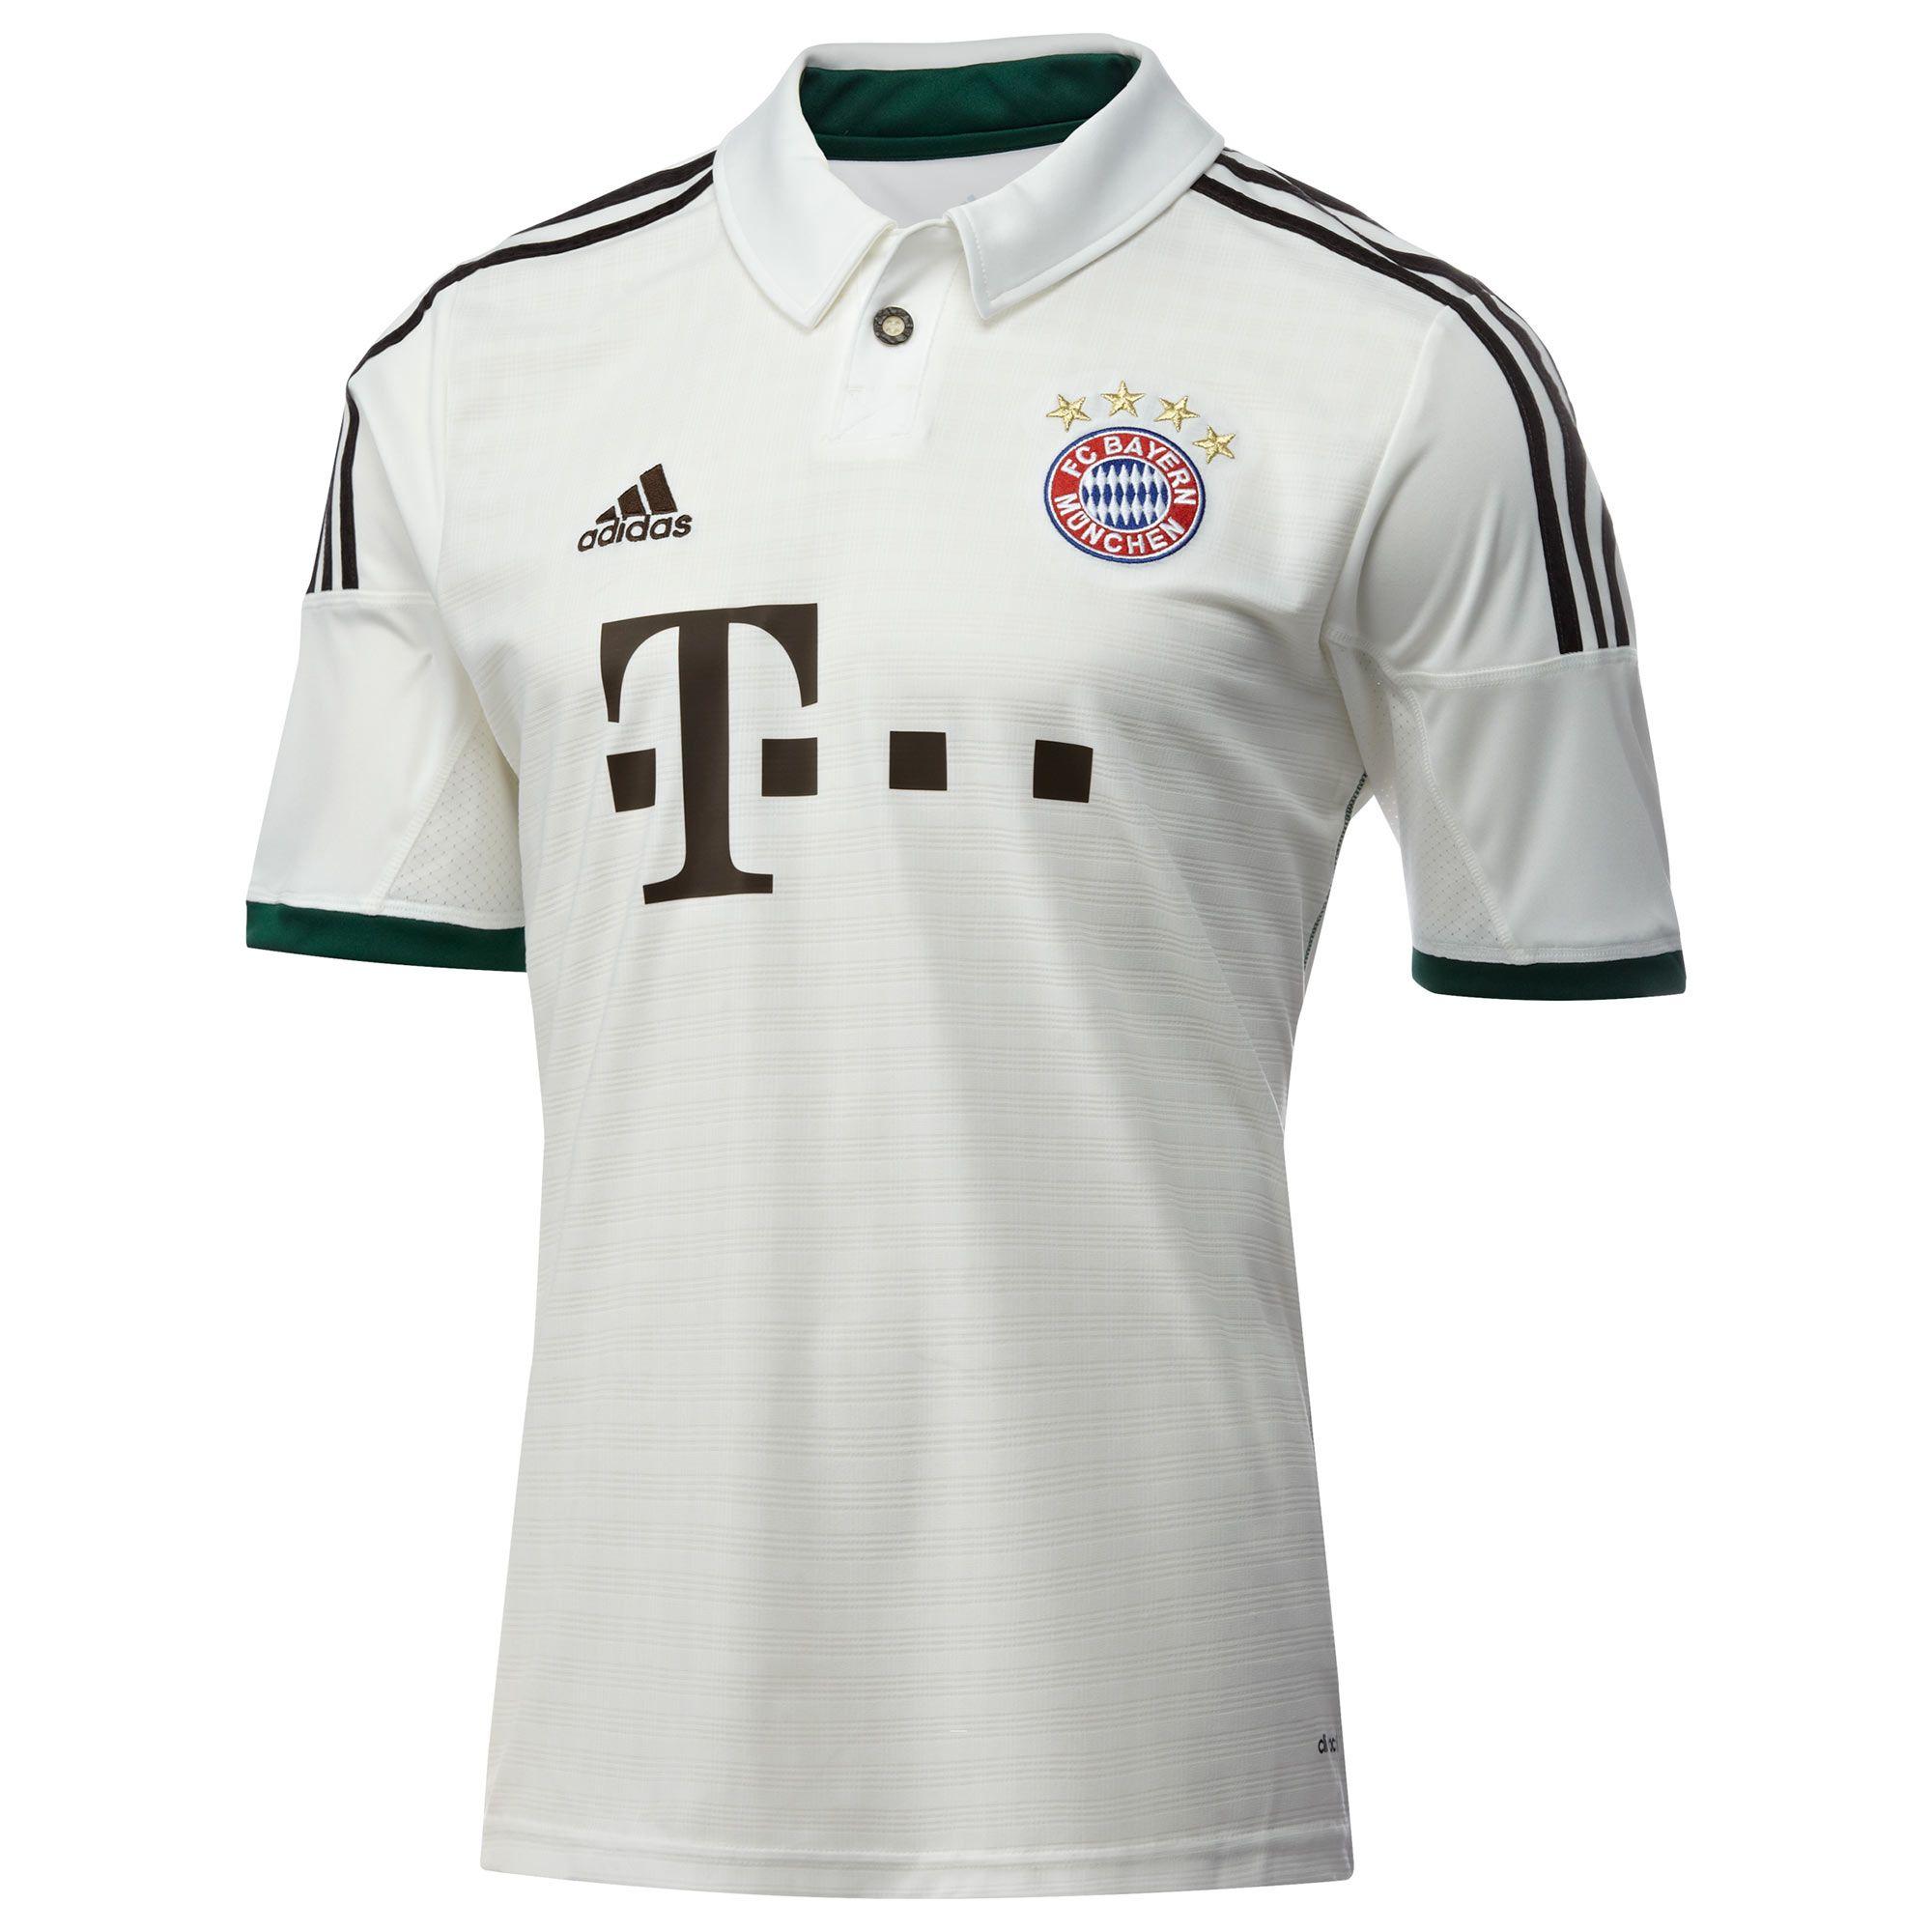 adidas Camiseta de Fútbol Bayern Munich Segunda Equipación  824dac9f64265